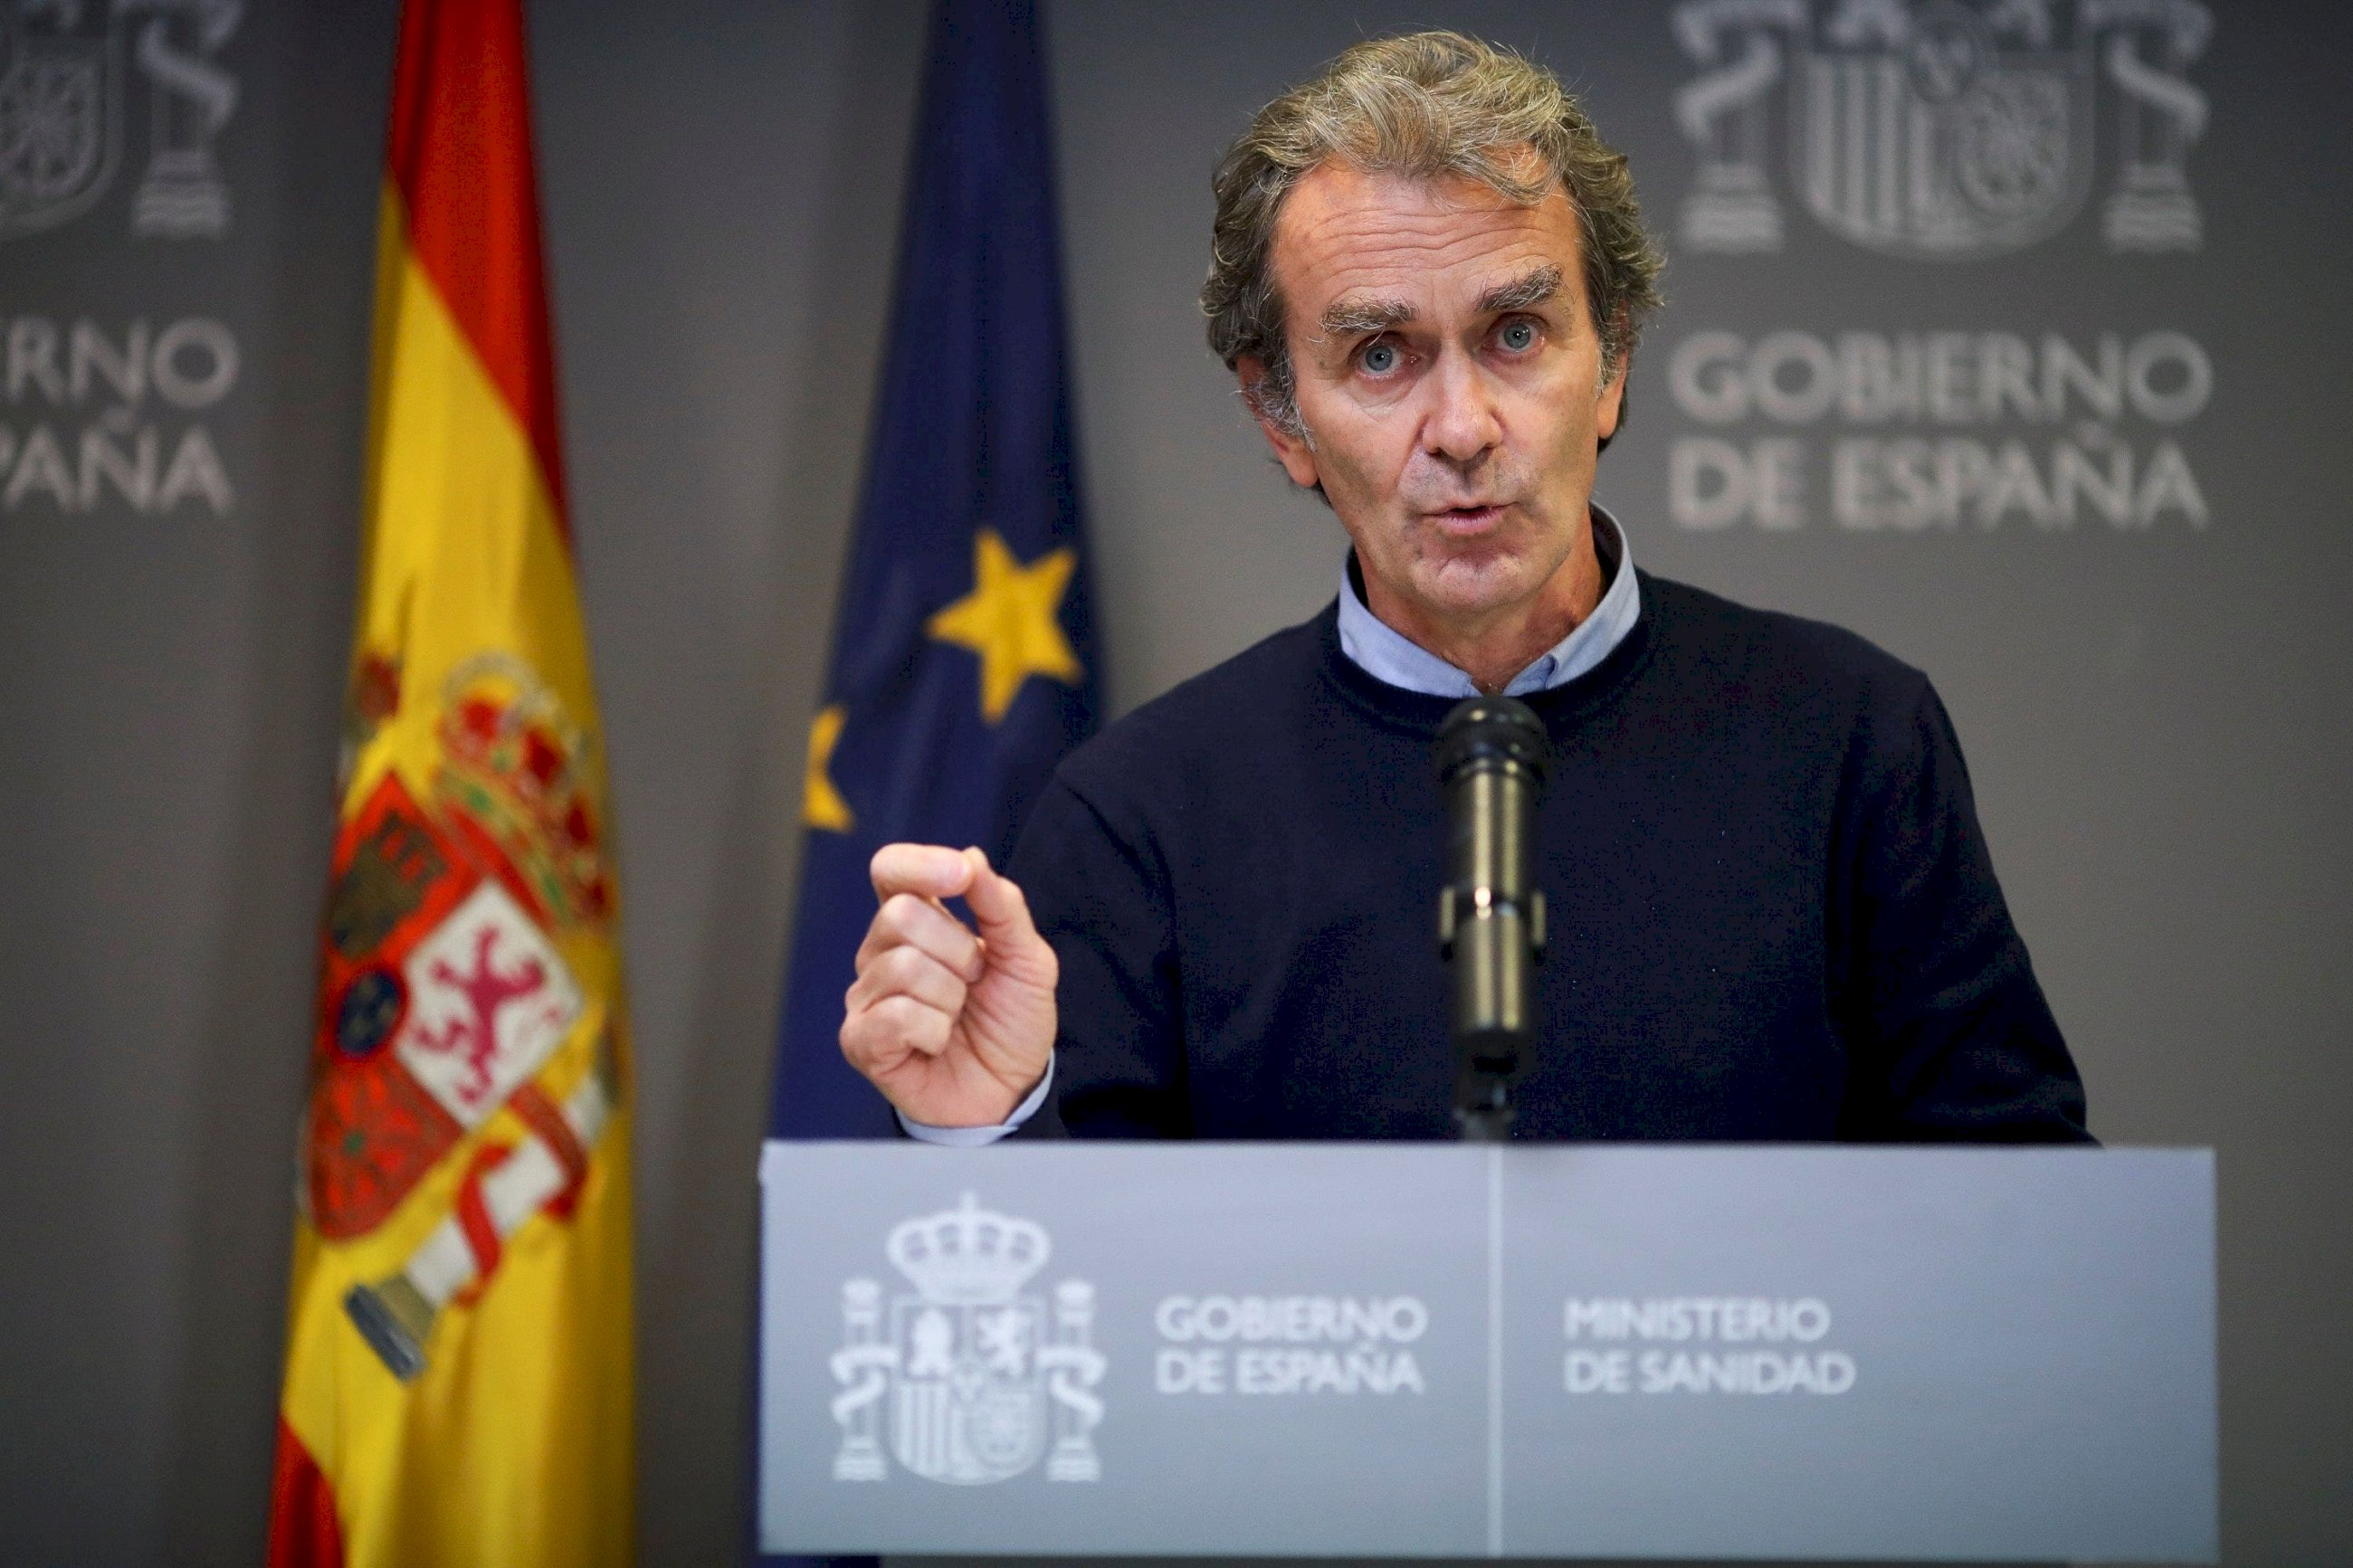 El director del Centro de Coordinación de Alertas y Emergencias Sanitarias, Fernando Simón, en una rueda de prensa el 3 de diciembre de 2020 en la sede del Ministerio de Sanidad, en Madrid | EFE/DF/Archivo